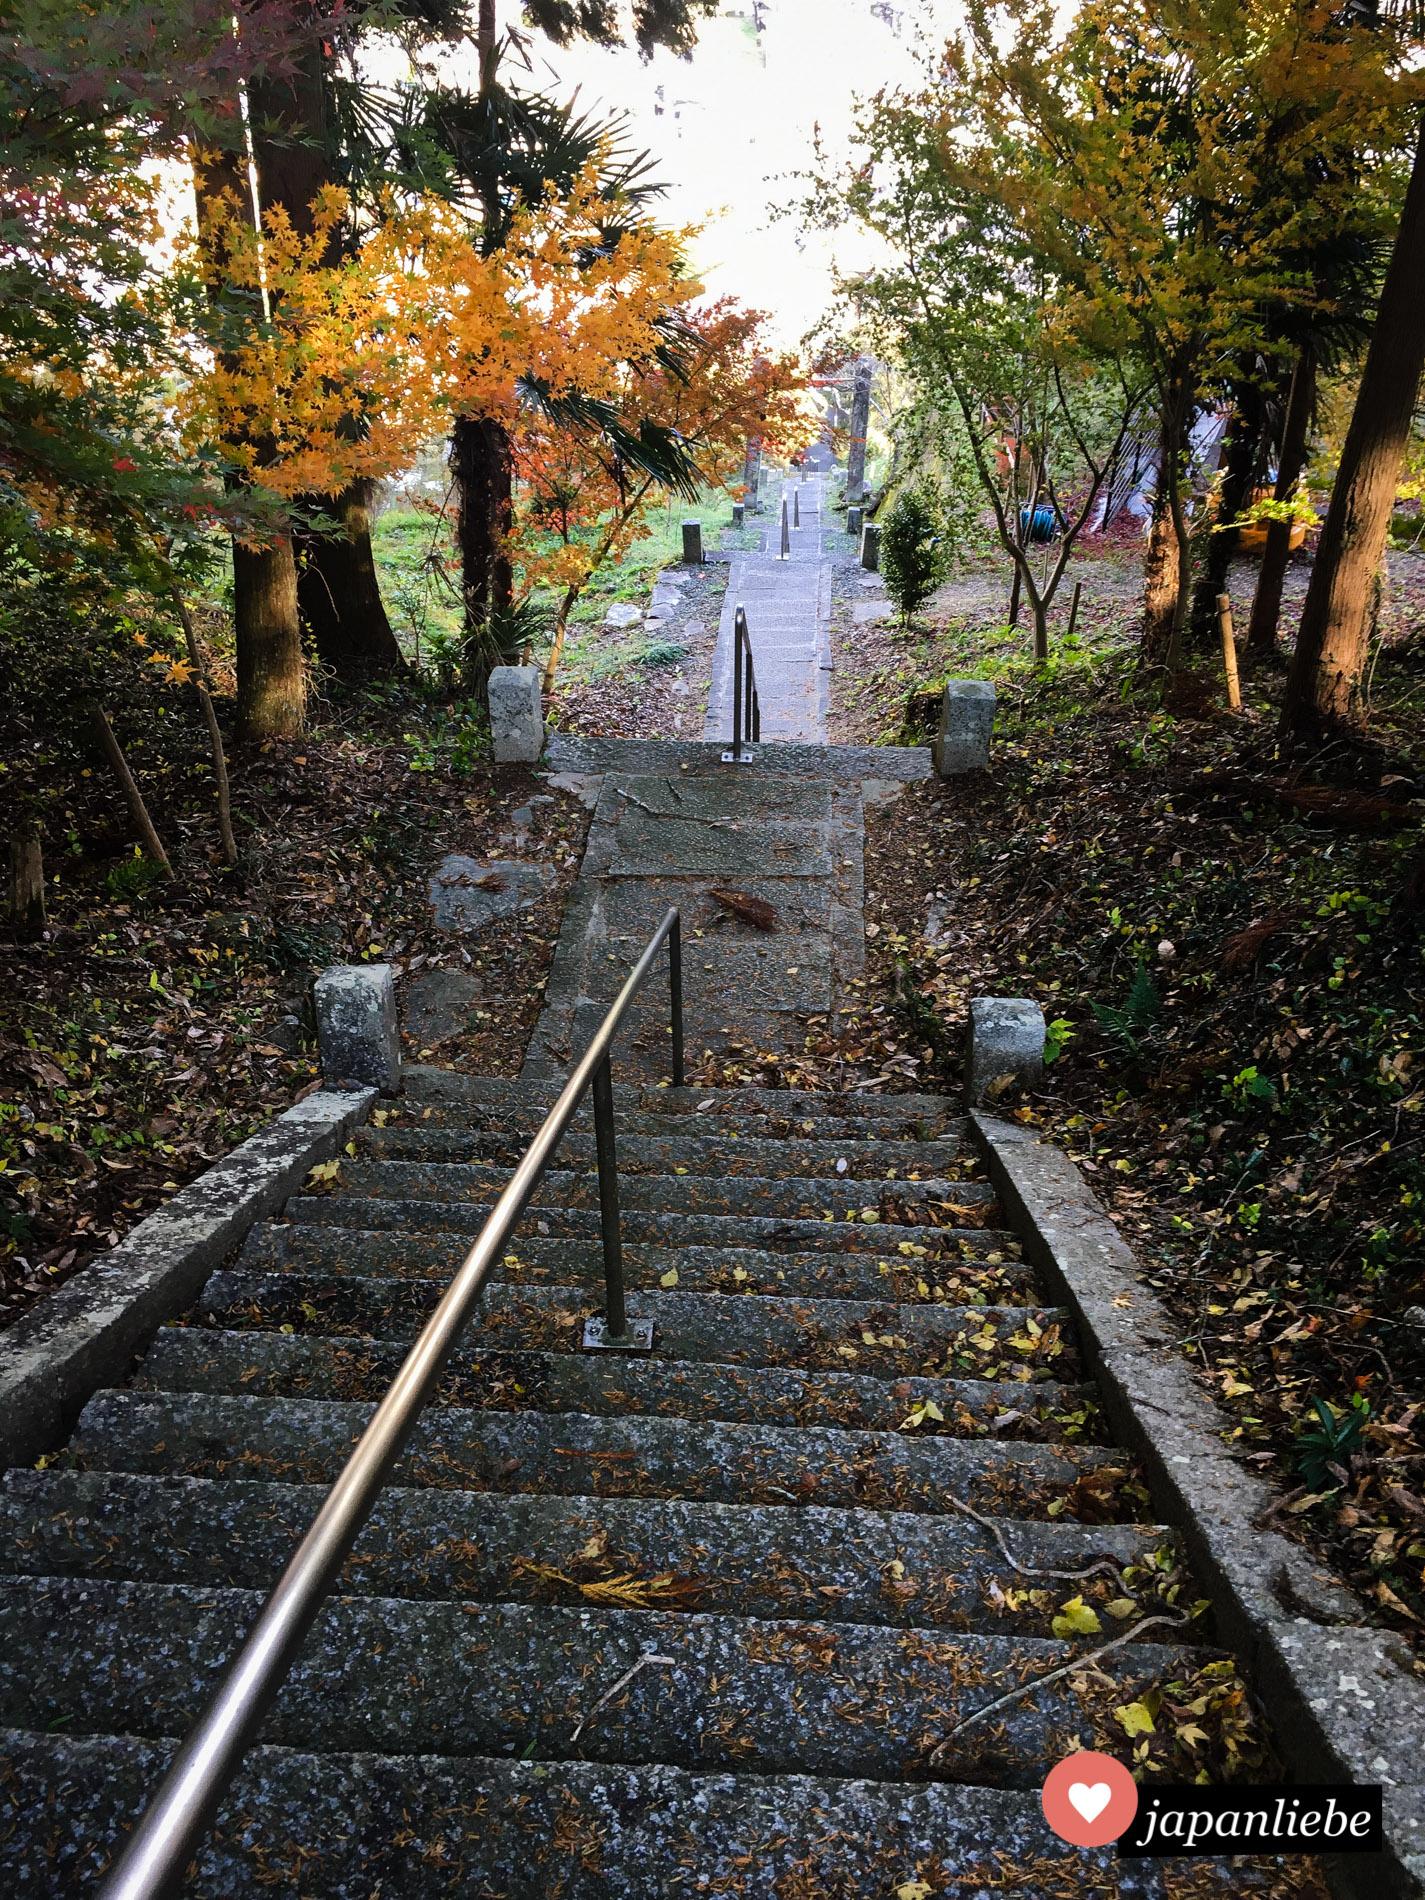 Oft bedeutet ein Schreinbesuch viele Treppenstufen. So auch am Ten-jinja Schrein in Uchiko.